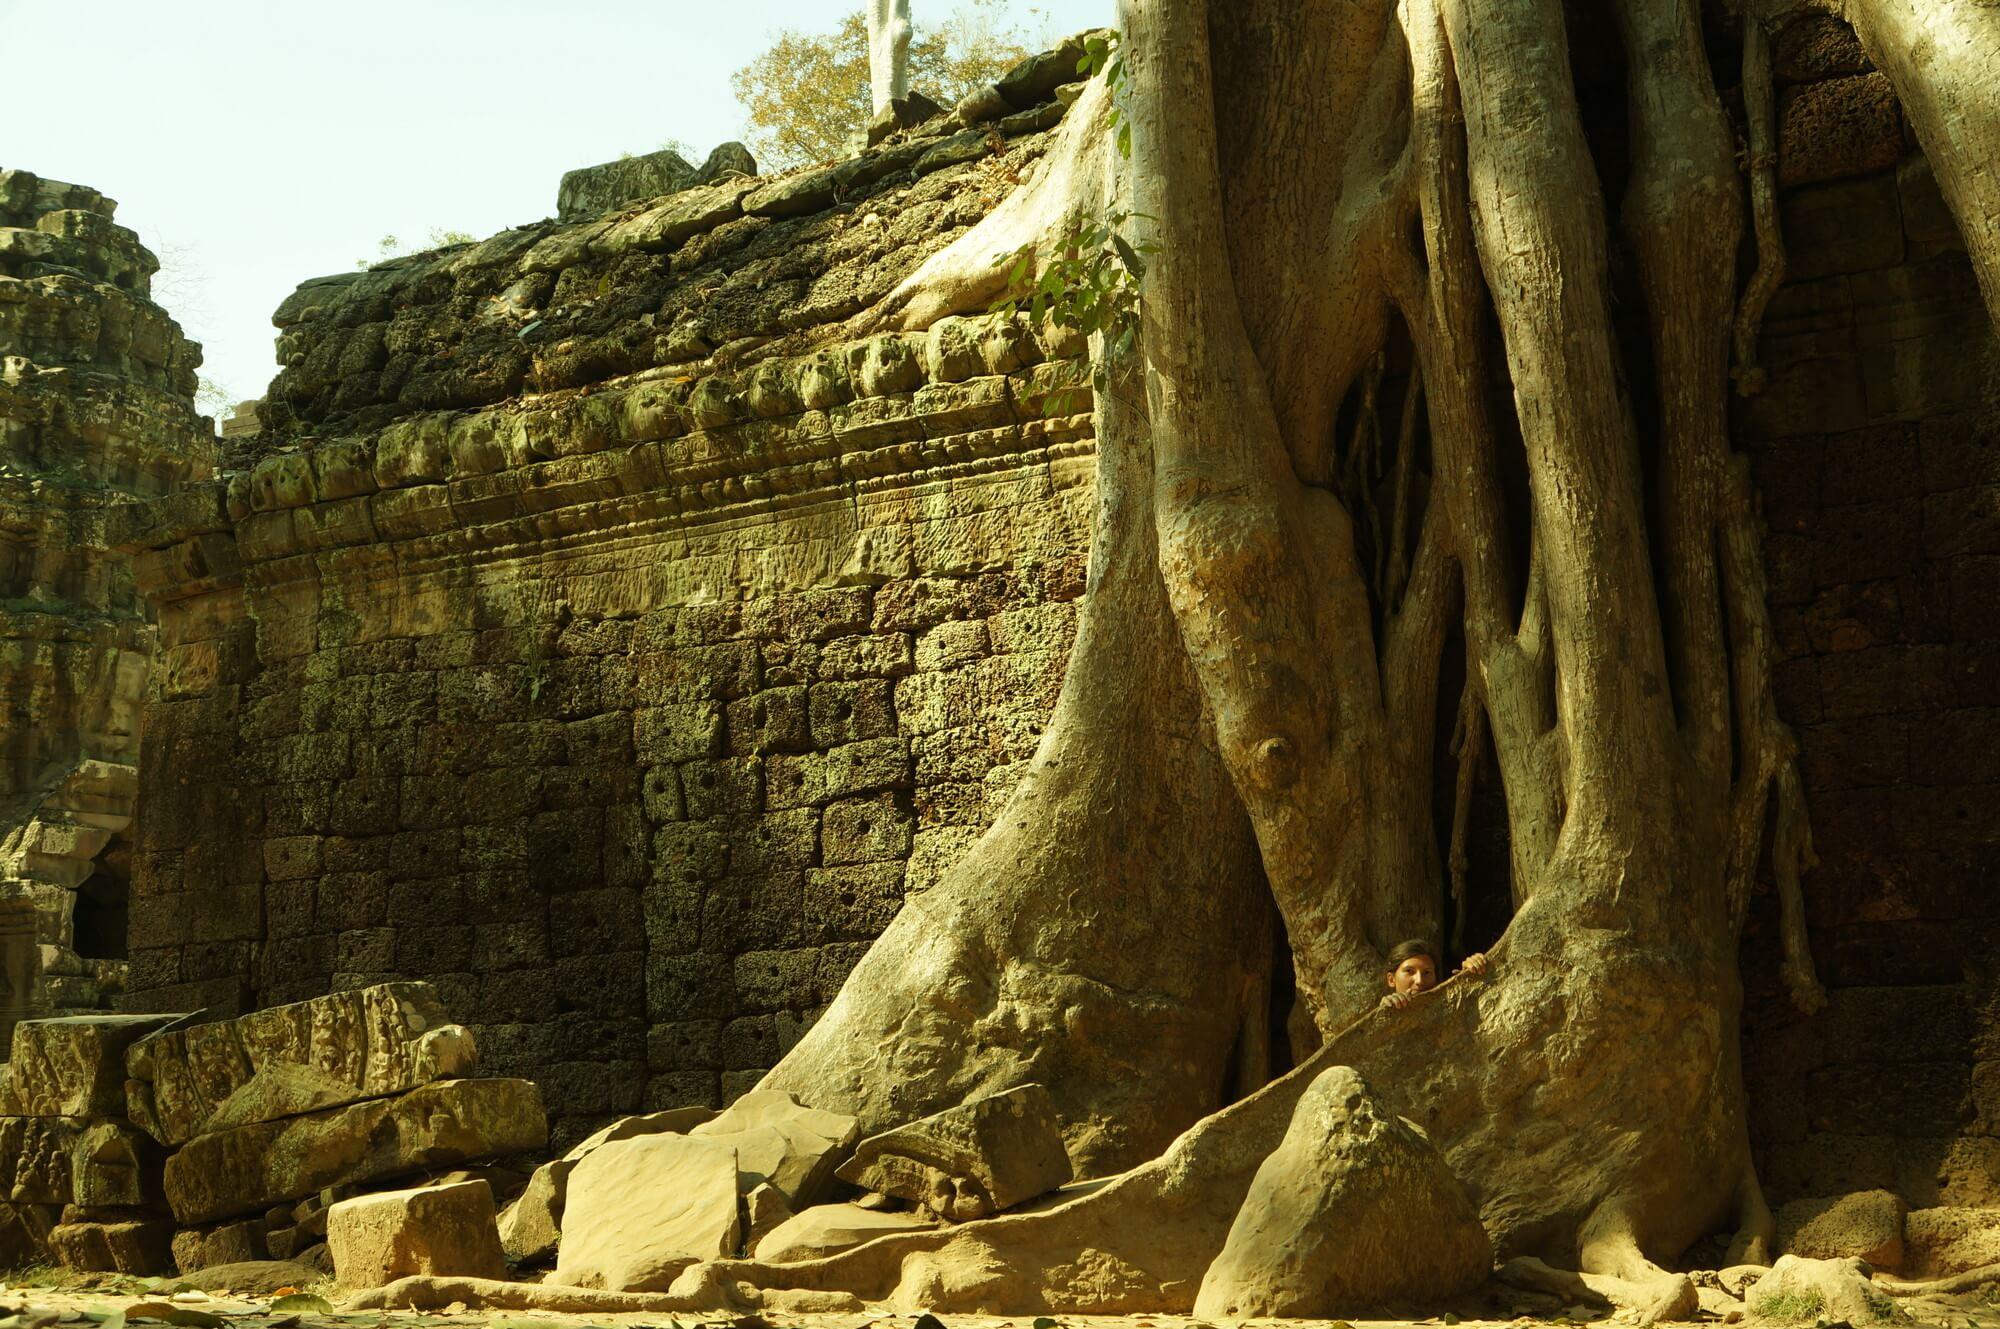 angkor-wat-tomb-raider-10